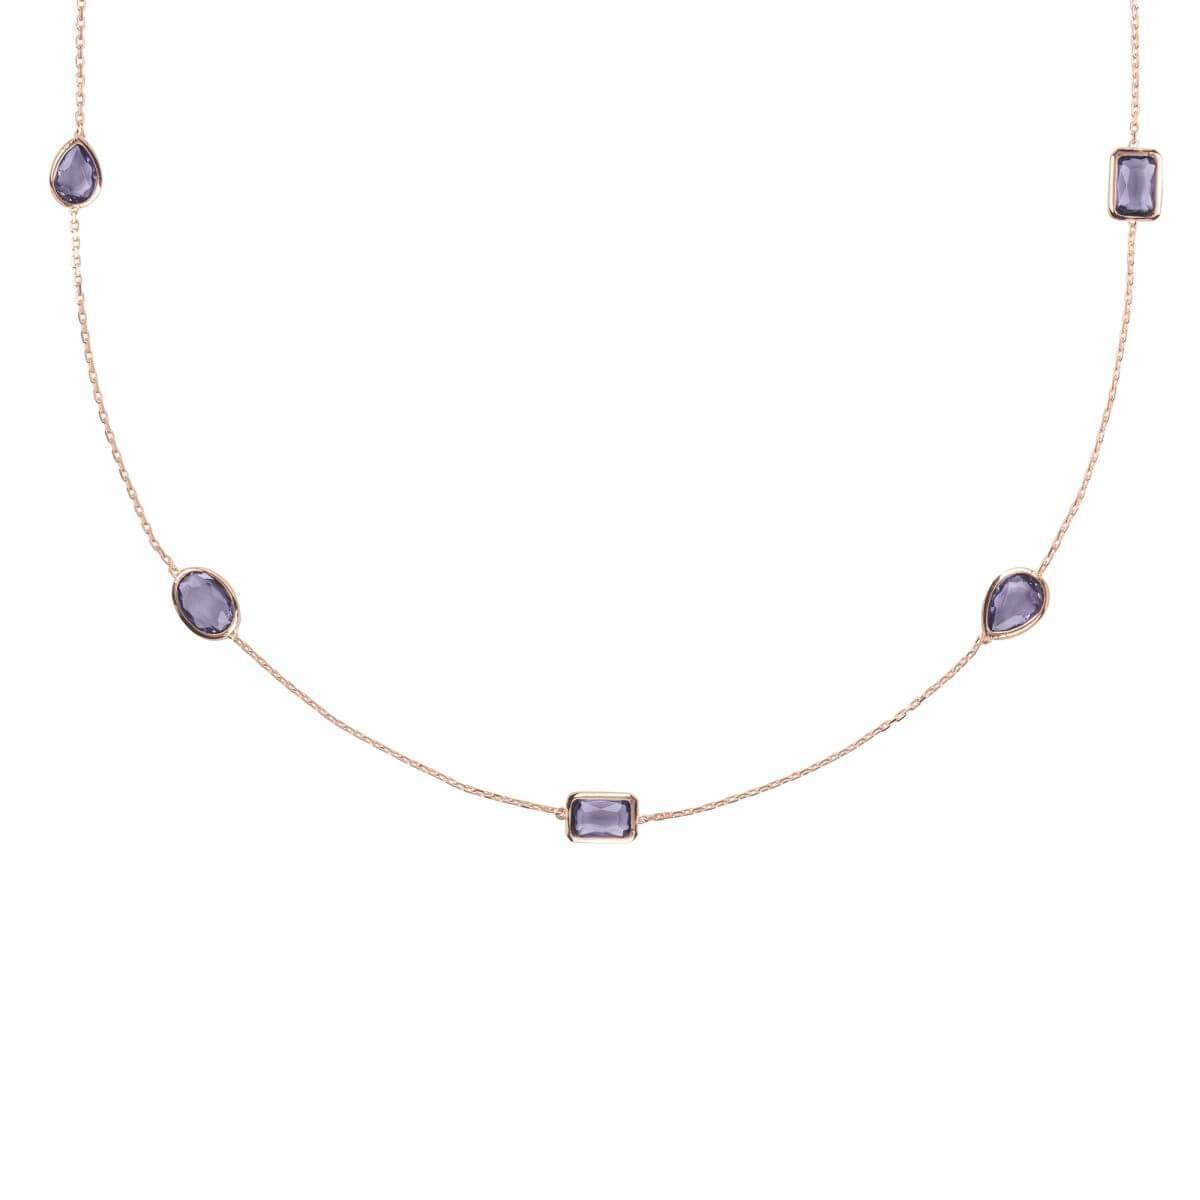 Latelita London Venice Long Chain Necklace Rose Gold Rose Quartz QdCVr2Y